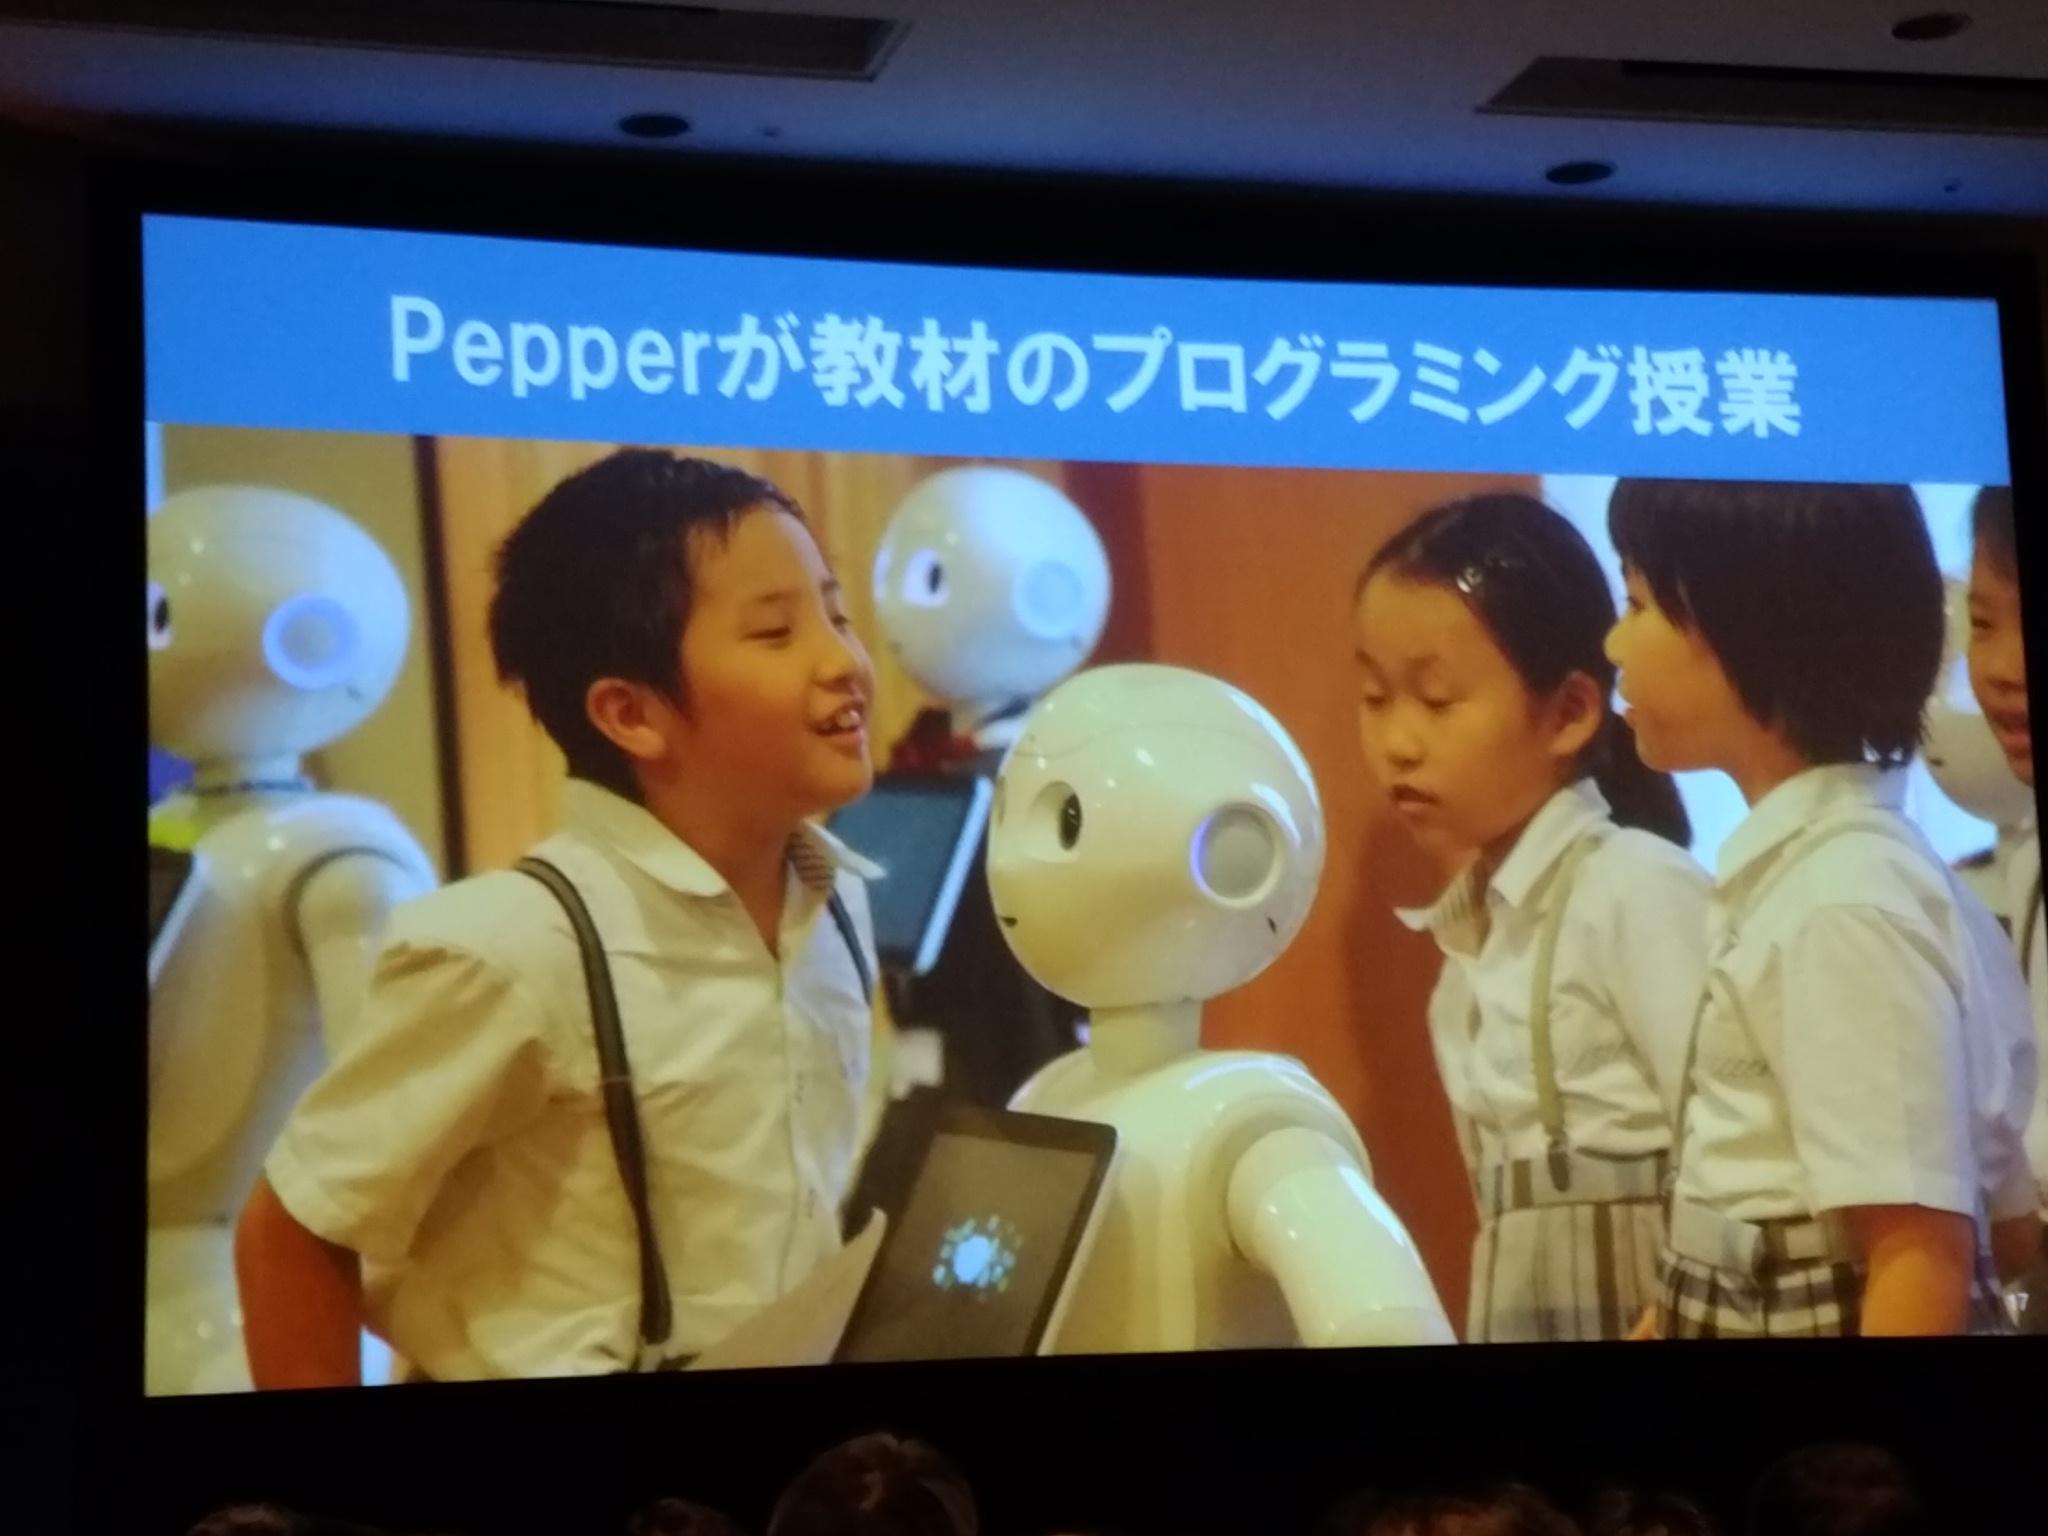 Pepperくんが公立小中学校にやってくる